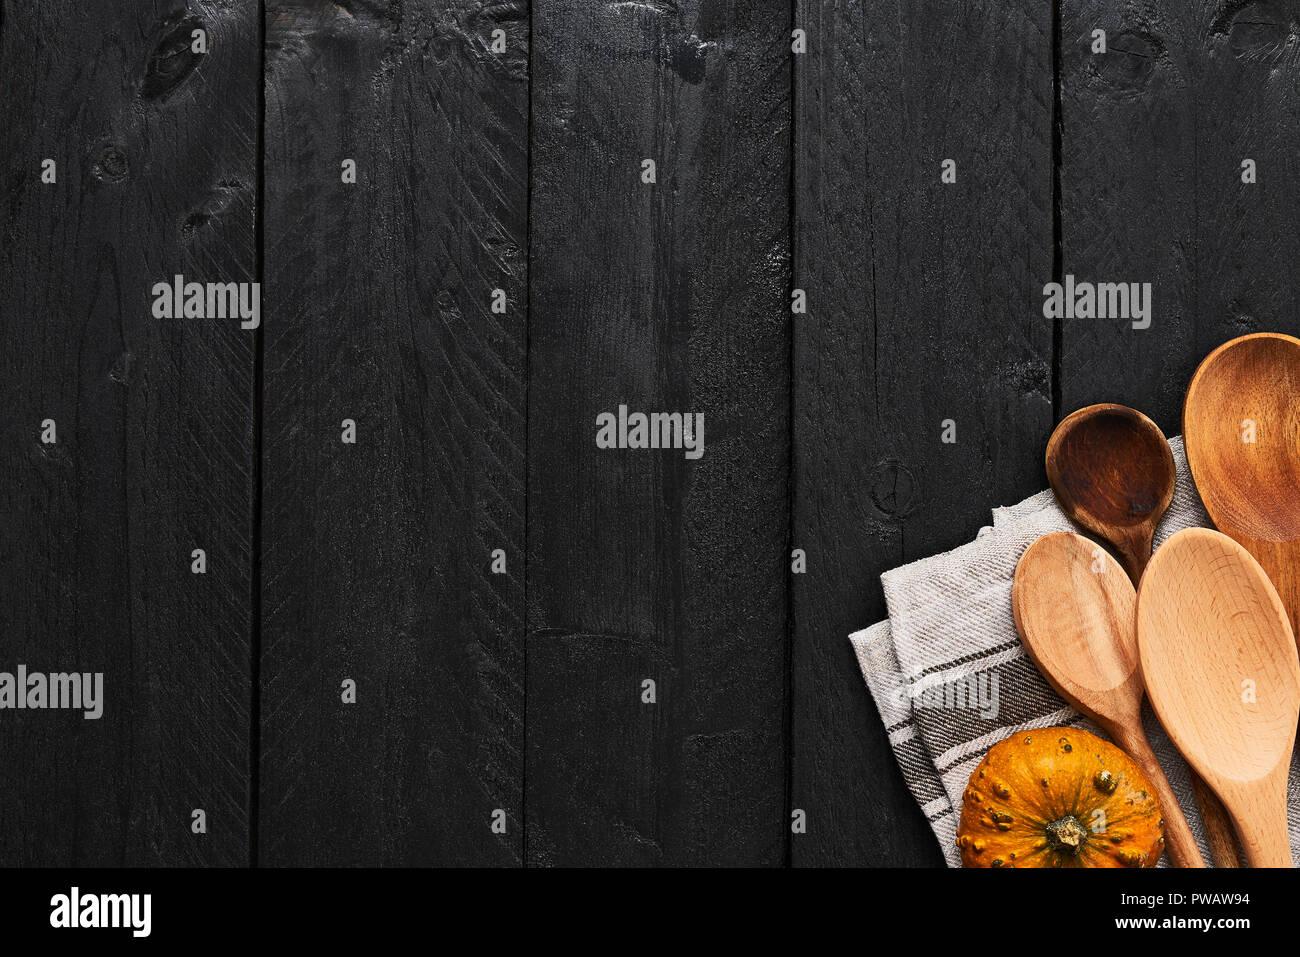 Holzloffel Kurbis Und Geschirrhandtuch Auf Schwarzem Holz